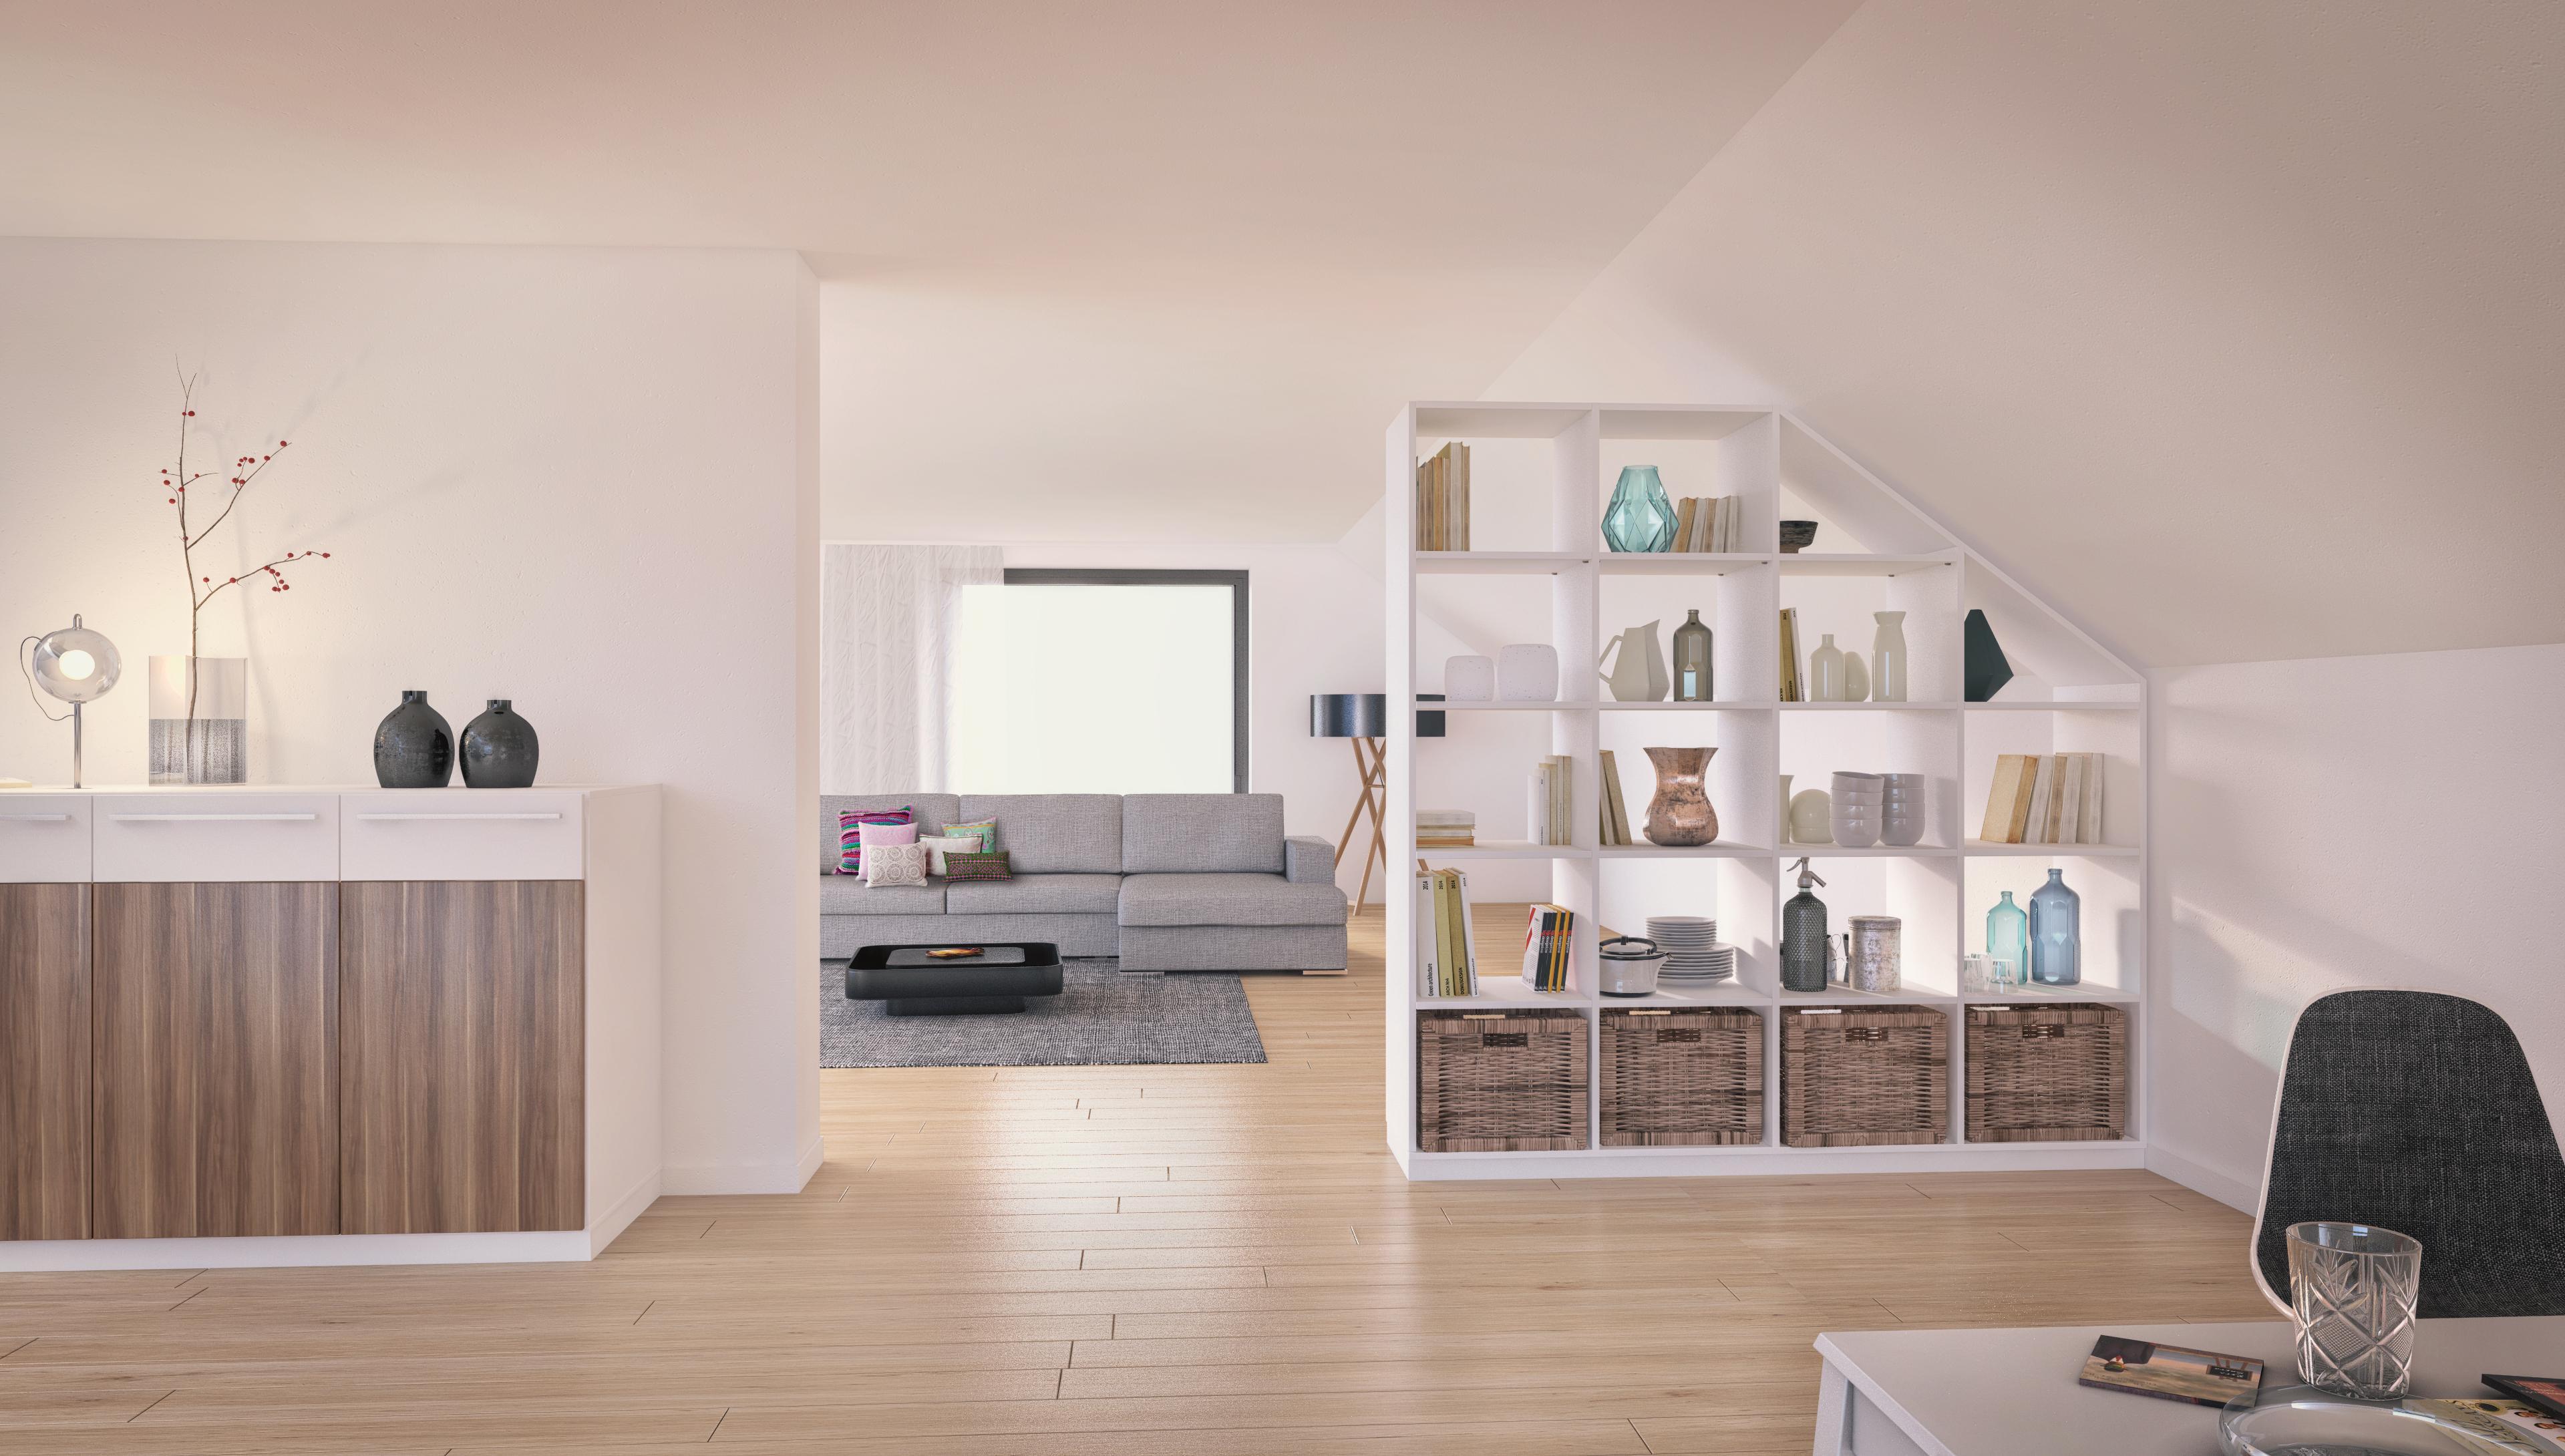 raumteiler ideen wohn schlaf zimmer wohndesign. Black Bedroom Furniture Sets. Home Design Ideas